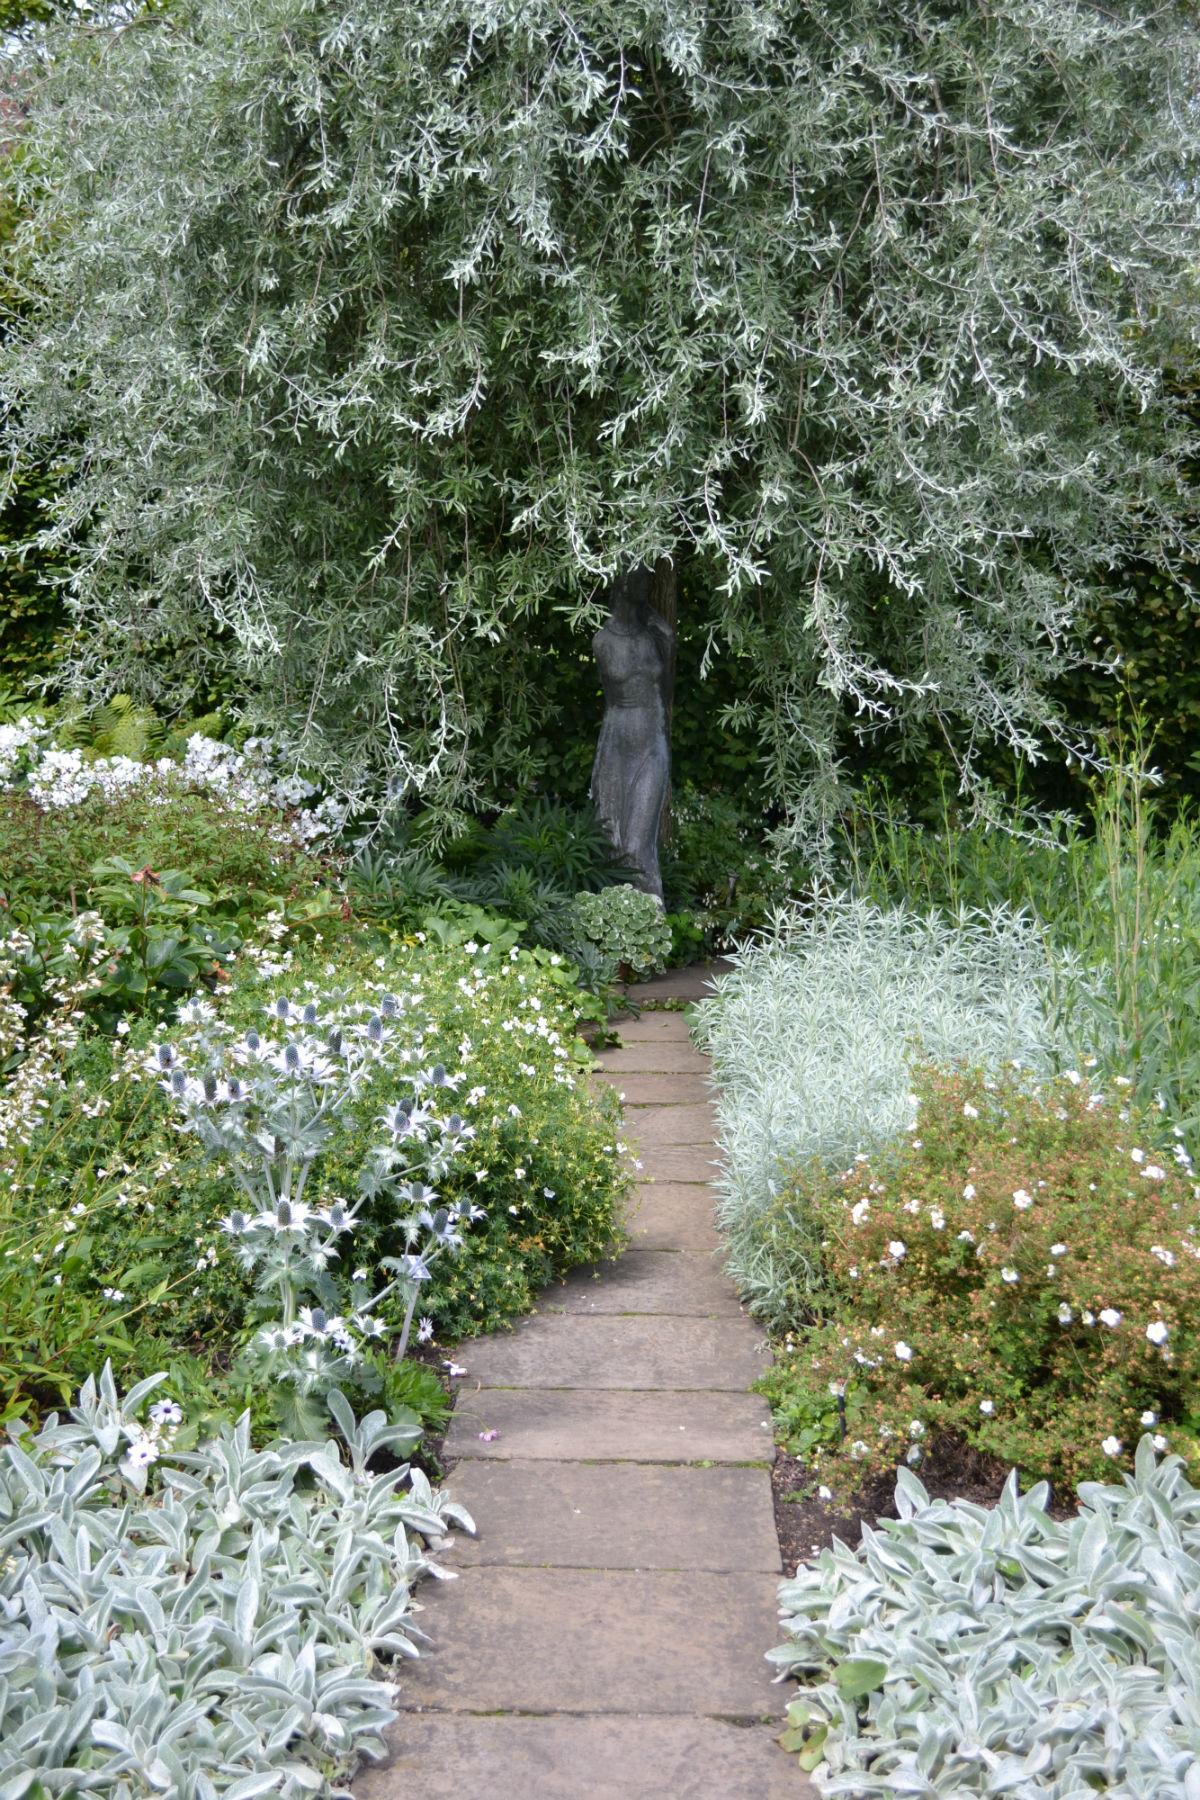 statue in White Garden, Sissinghurst